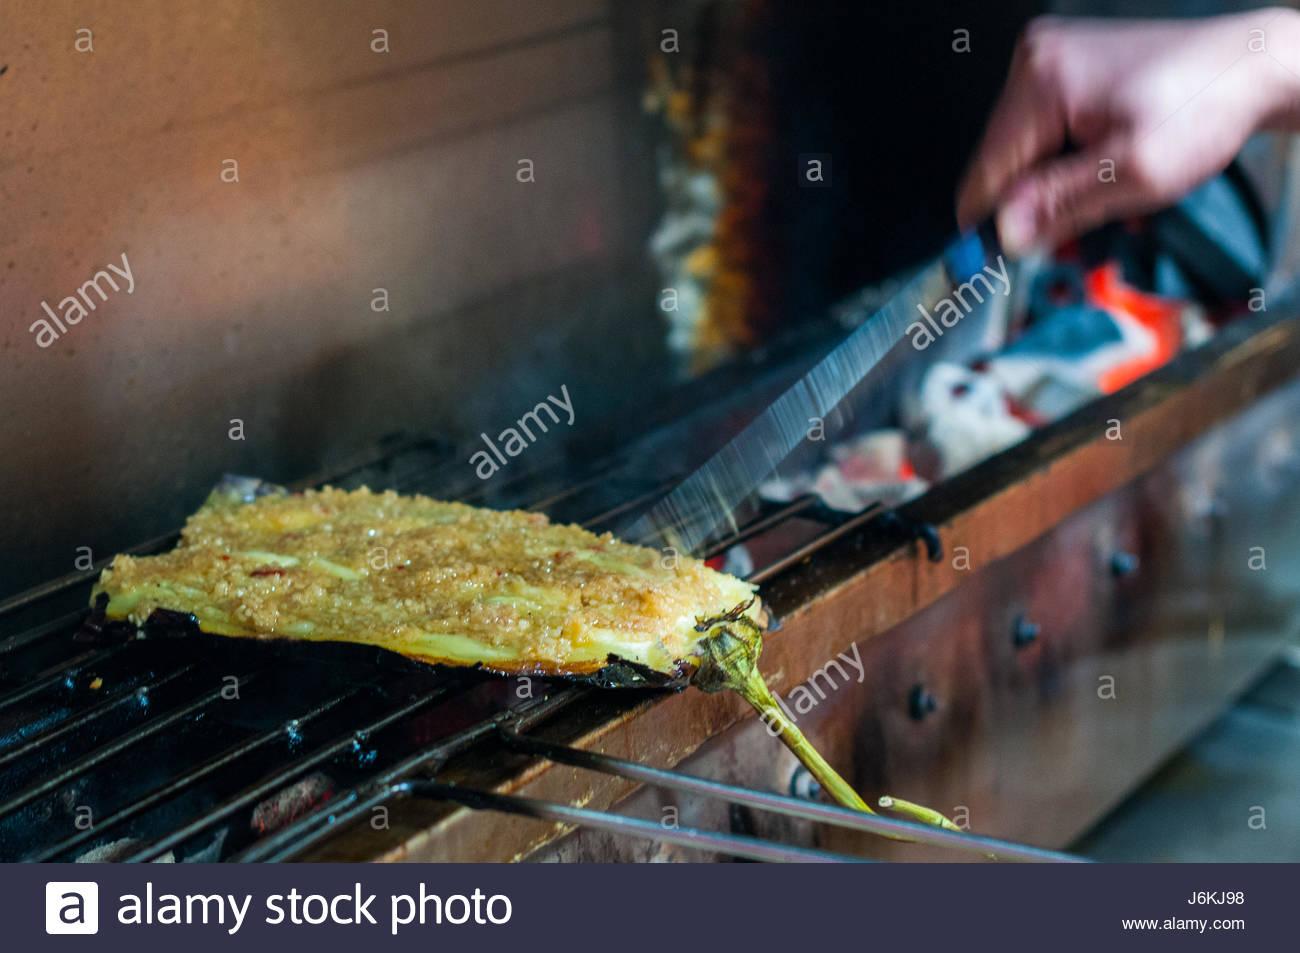 eine aubergine, beladen mit knoblauch zubereitet auf dem grill vor